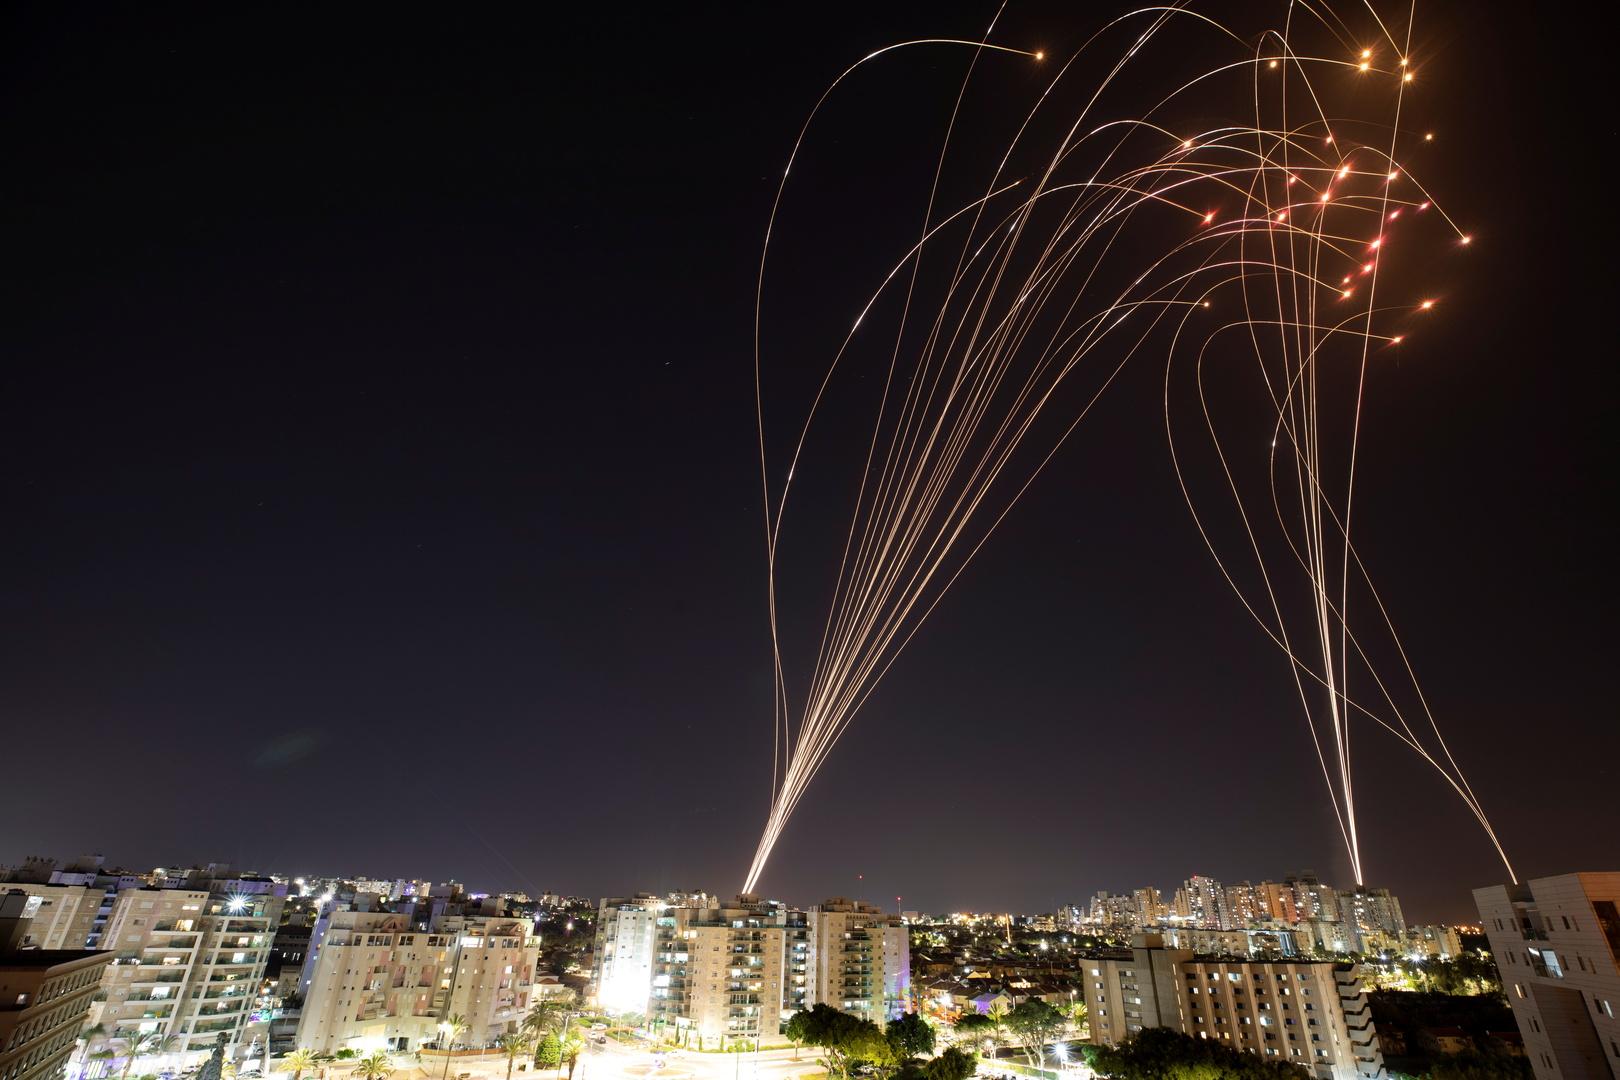 الفصائل الفلسطينية توسع دائرة أهدافها وتصيب مناطق شمال إسرائيل